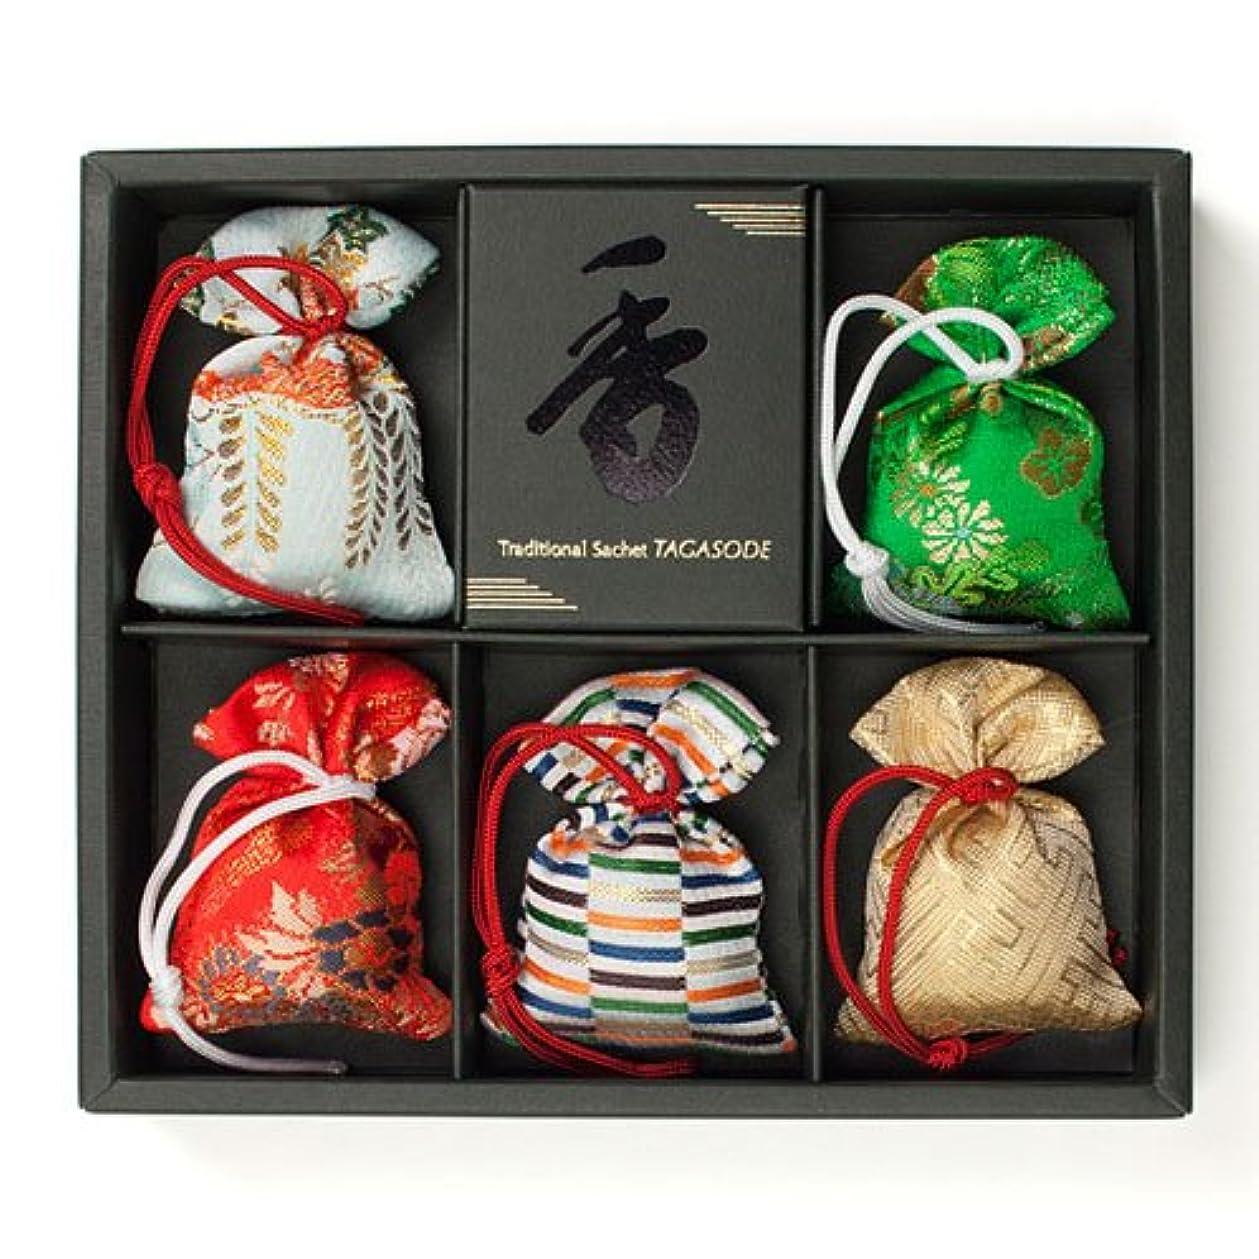 征服余暇イソギンチャク匂い袋 誰が袖 極品 5個入 松栄堂 Shoyeido 本体長さ60mm (色?柄は選べません)